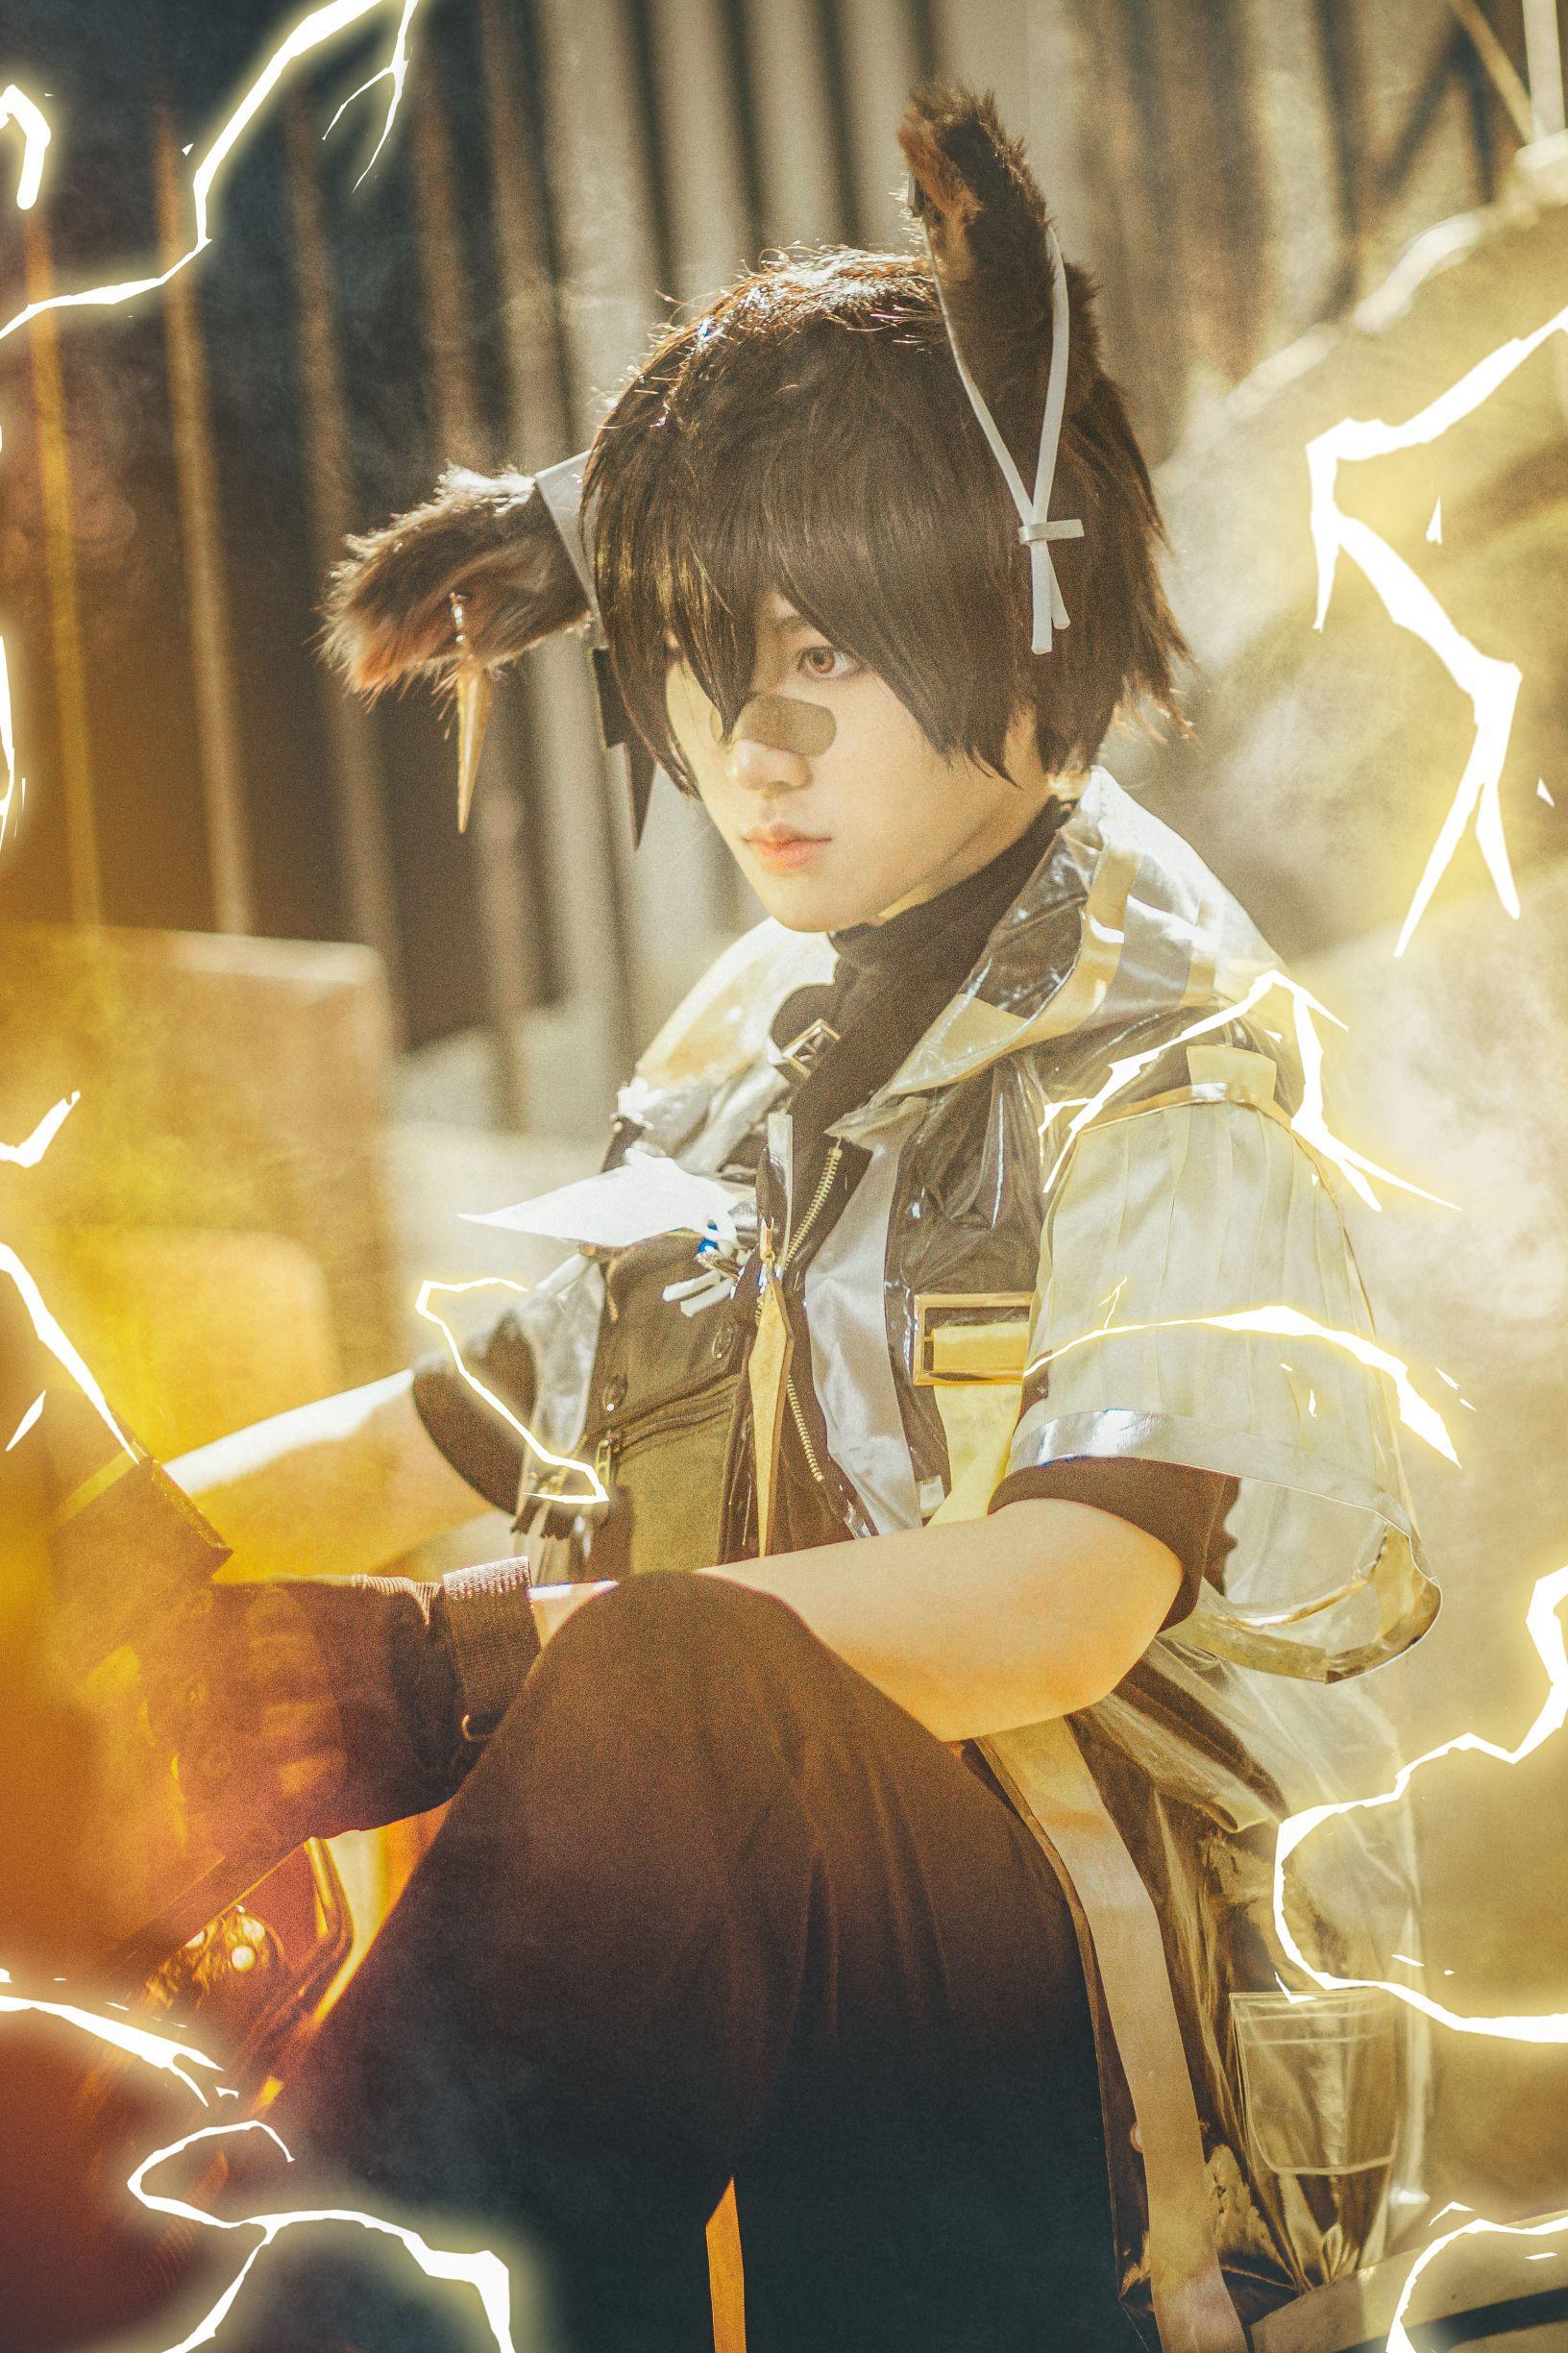 《明日方舟》莱莱cosplay【CN:ystem_Yin】-第5张